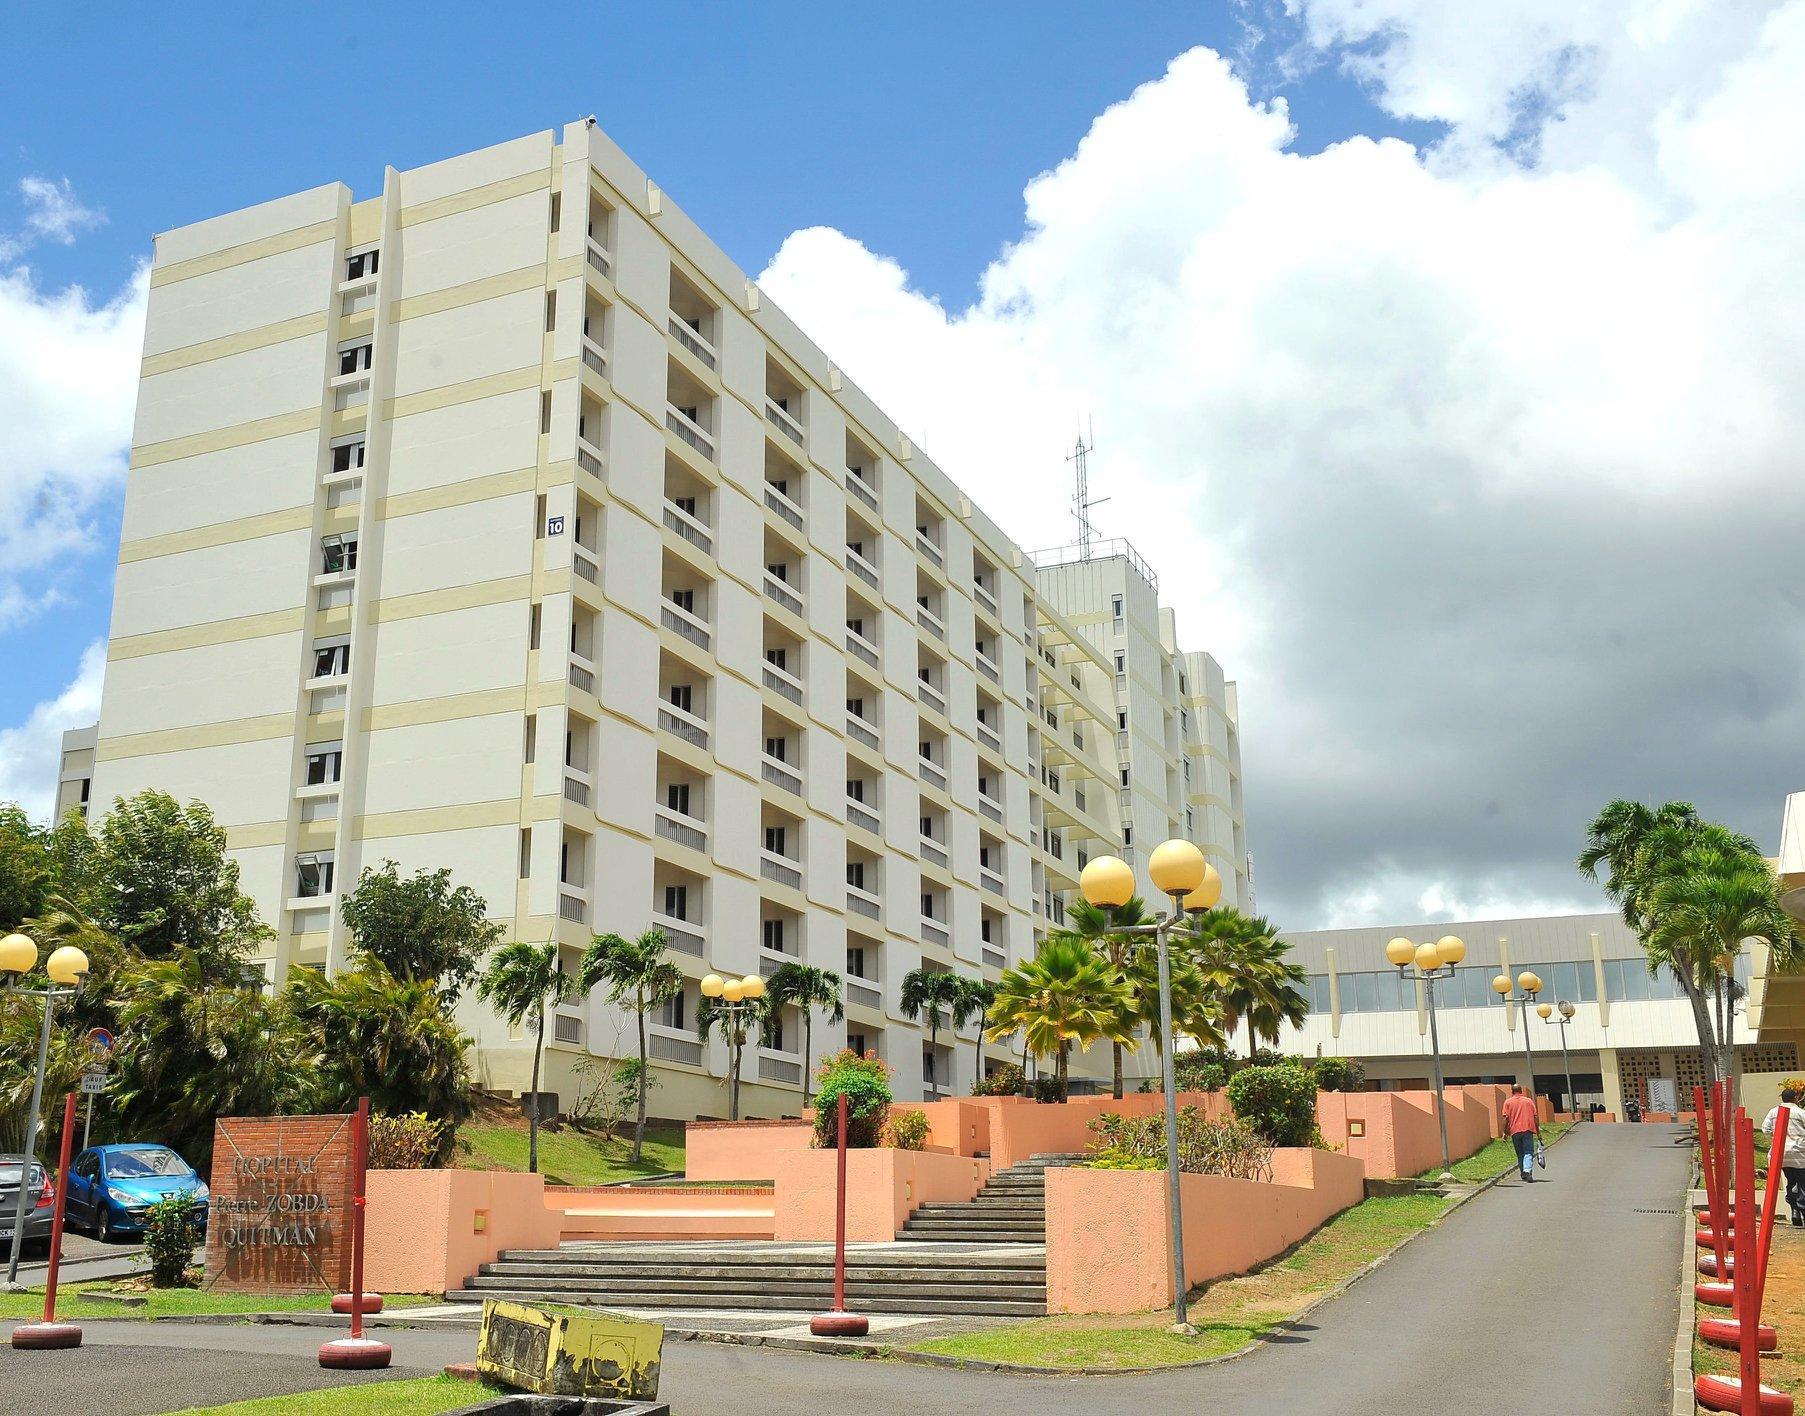 Covid-19 - Martinique : Le nombre d'hospitalisations au plus haut niveau depuis le début de l'épidémie en 2020